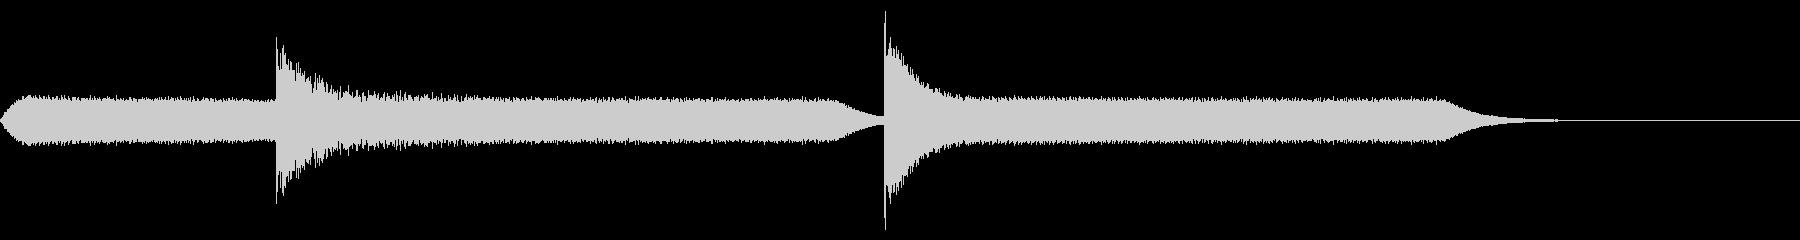 ネオンライトバズの未再生の波形